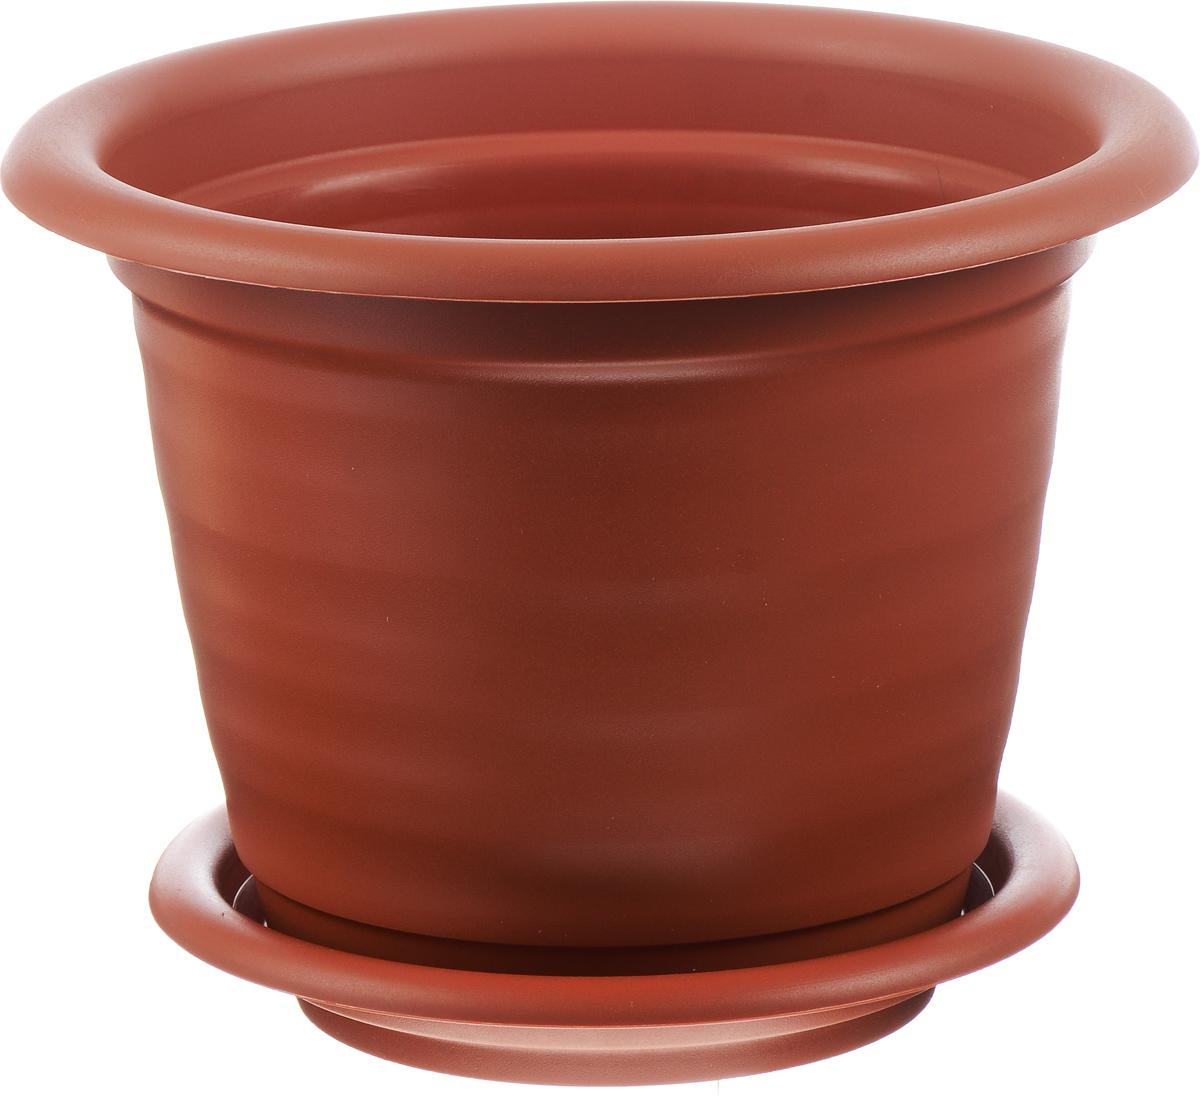 Кашпо Idea Ламела, с поддоном, цвет: терракотовый, 15 лМ 8206Кашпо Idea Ламела изготовлено из высококачественного пластика. Специальный поддон предназначен для стока воды. Изделие прекрасно подходит для выращивания растений и цветов в домашних условиях. Лаконичный дизайн впишется в интерьер любого помещения. Объем кашпо: 15 л. Диаметр кашпо по верхнему краю: 38 см. Высота кашпо: 31 см.